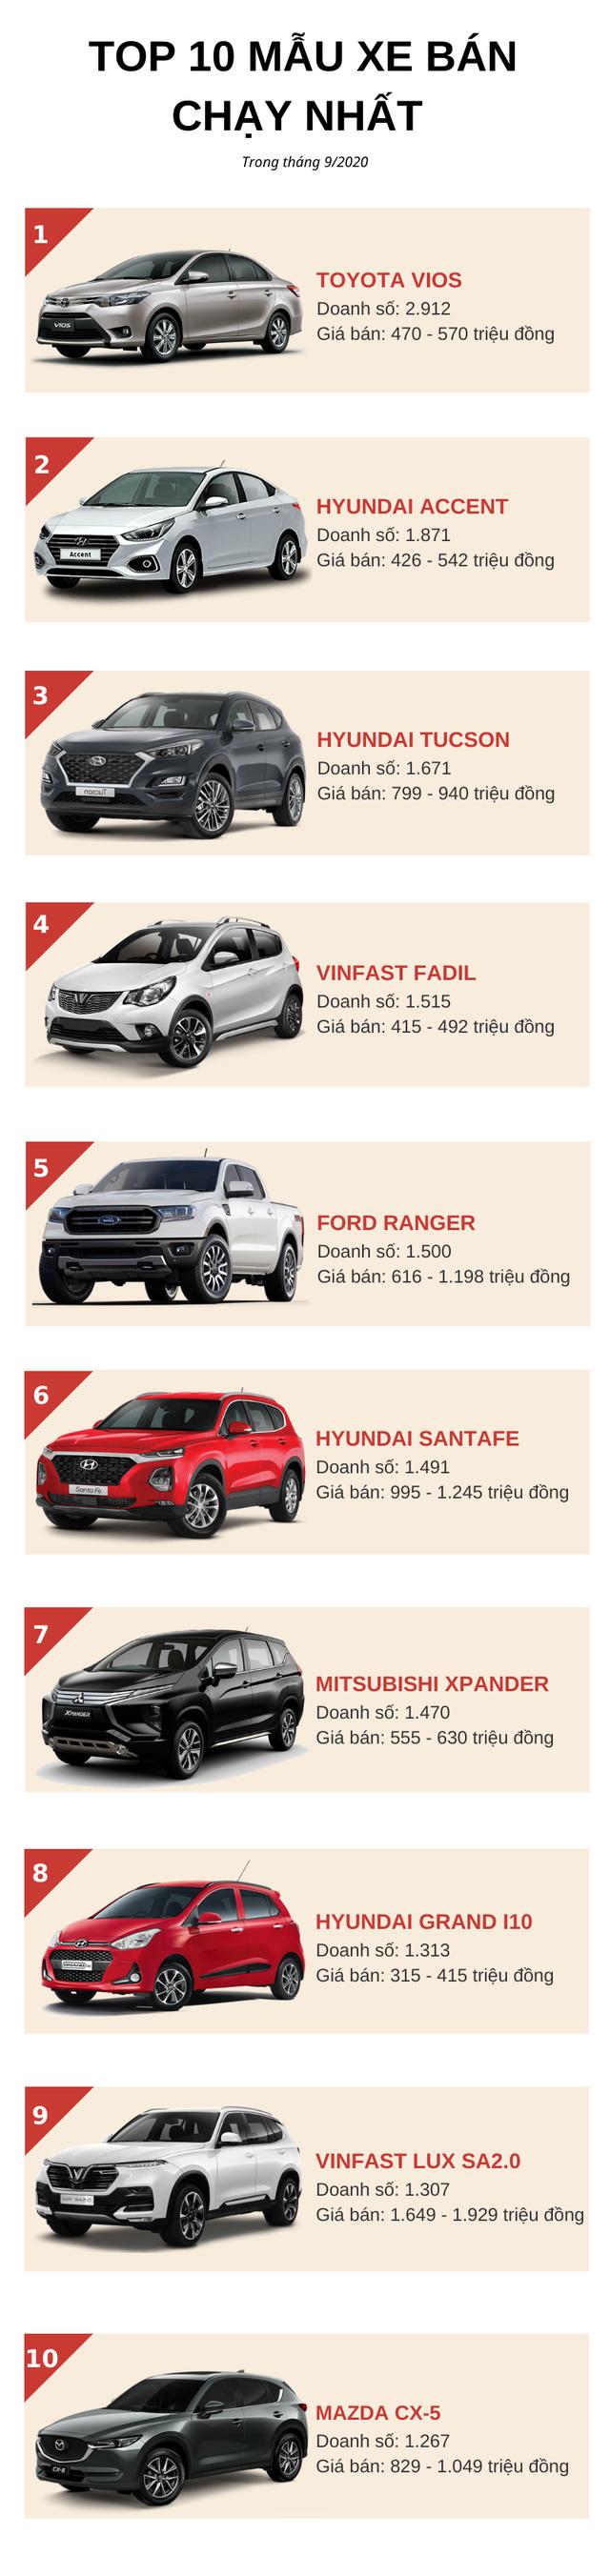 Top 10 ô tô bán chạy nhất tháng 9/2020: Hyundai áp đảo, VinFast góp mặt 2 mẫu xe - Ảnh 1.